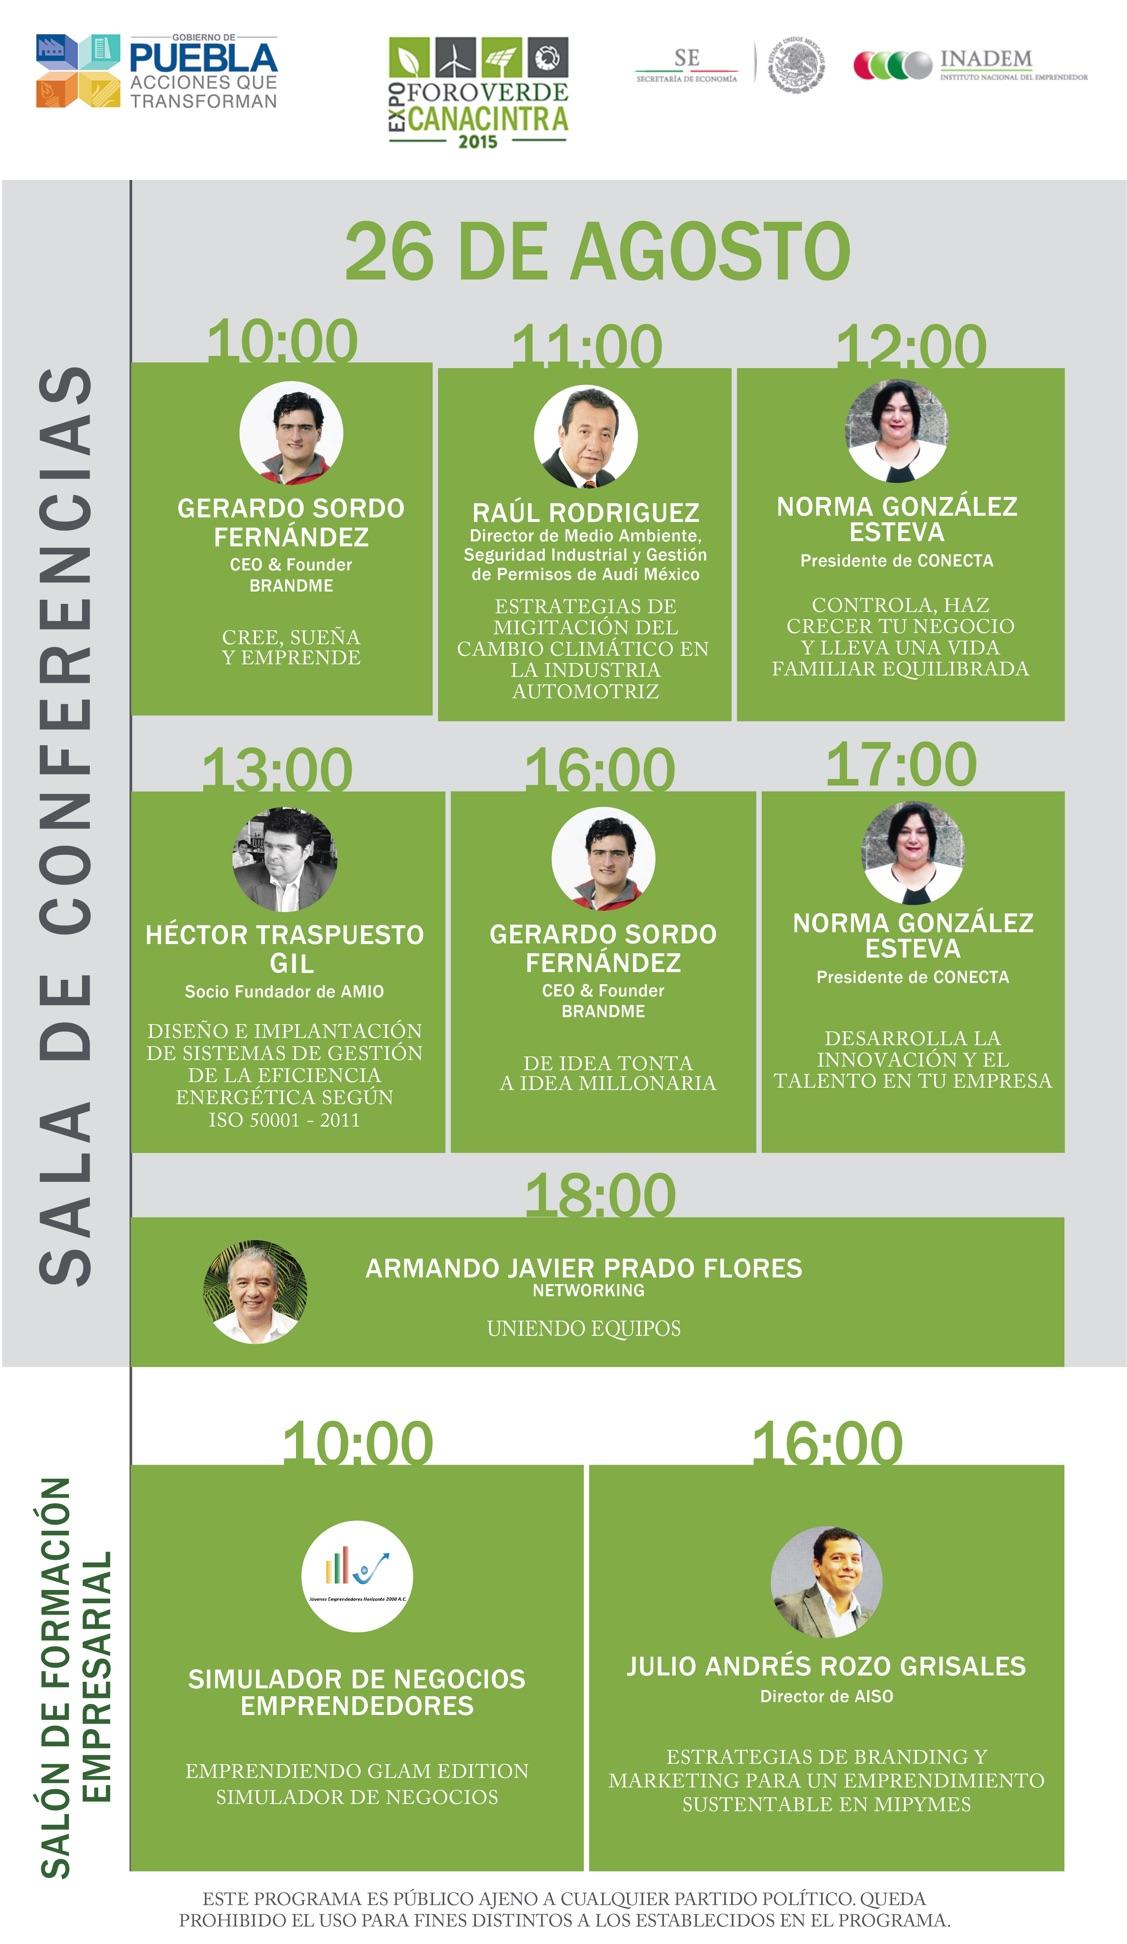 Programa día 26 de agosto, expo foro verde puebla 2015, amio, mexico, hector traspuesto